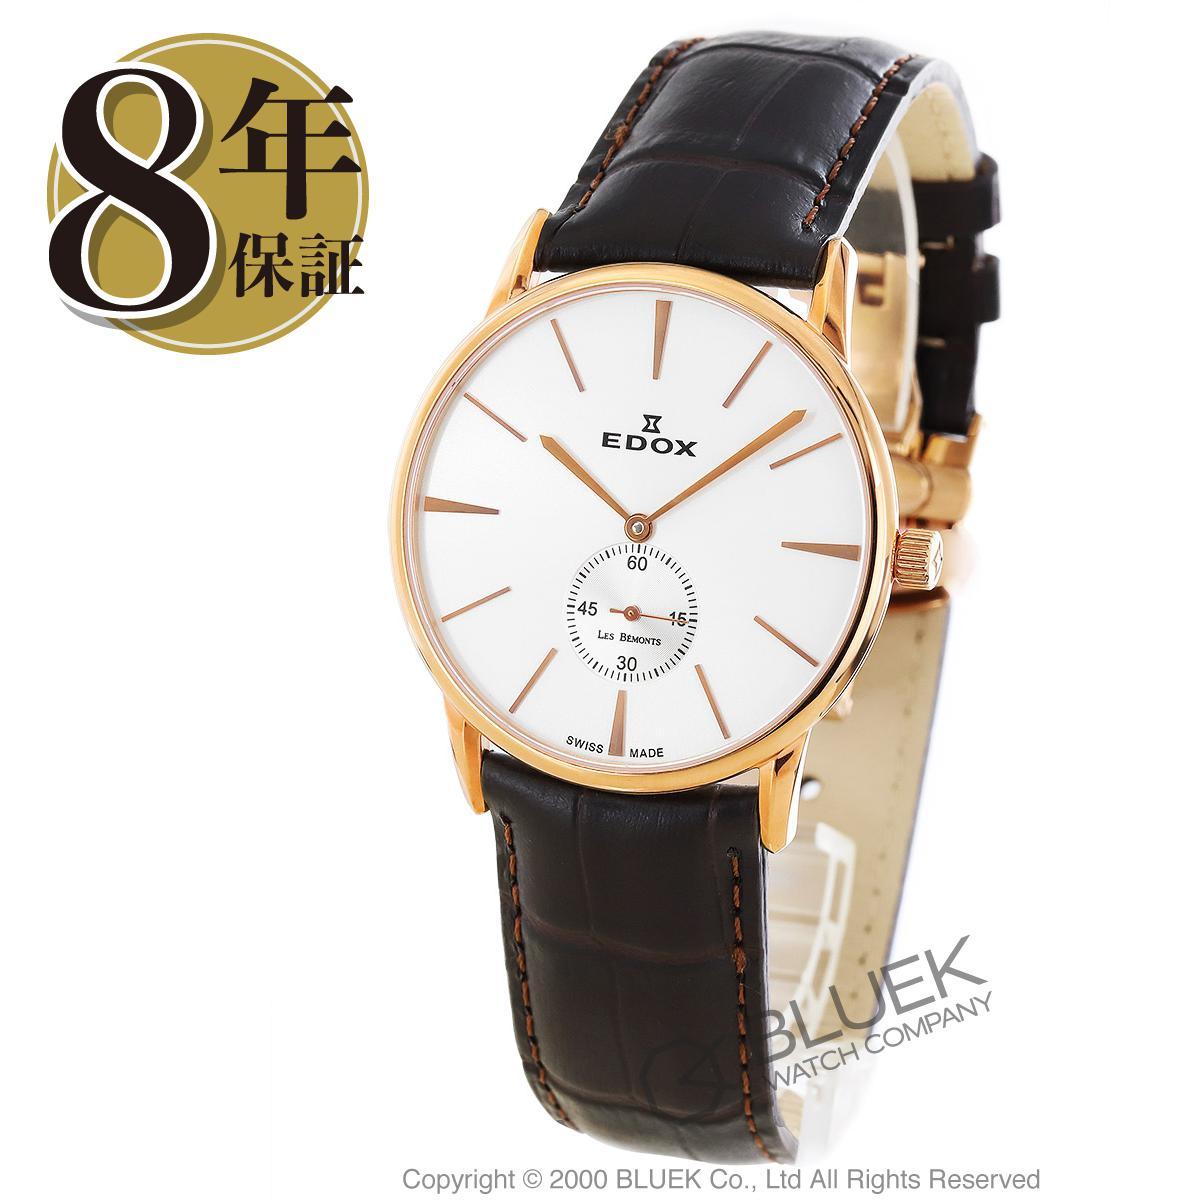 【1,000円OFFクーポン対象】エドックス レ・ベモン ウルトラスリム 腕時計 メンズ EDOX 72014-37R-AIR_8